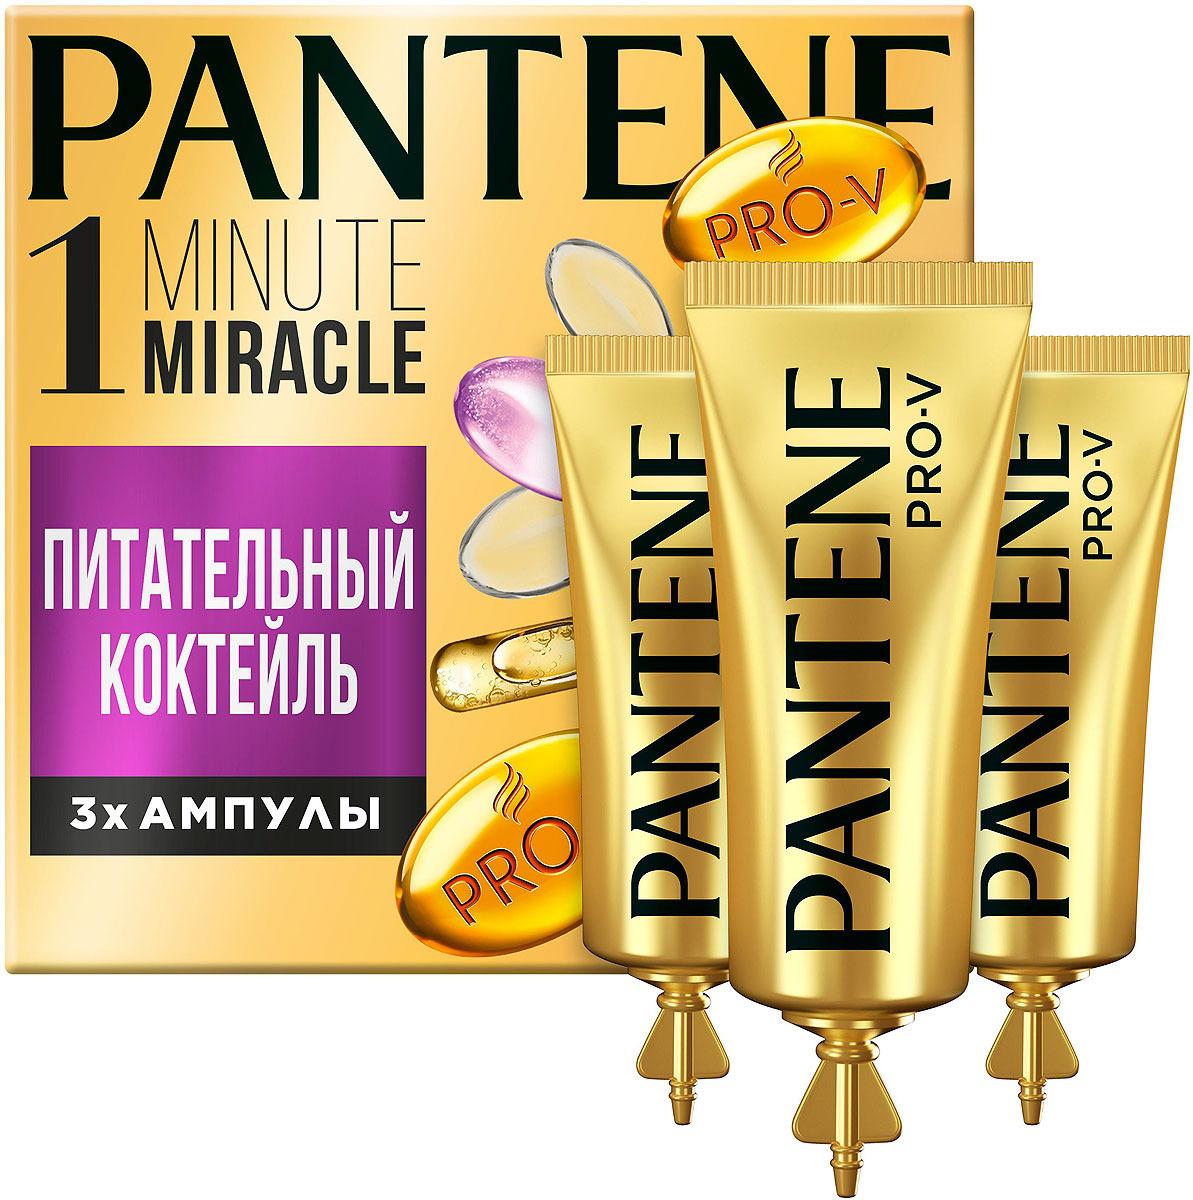 Средство ухода за волосами Pantene 1 Minute Miracle. Питательный коктейль, 3 х 15 мл81679027Коллекция «Питательный Коктейль» содержит питательные вещества, которые делают ослабленные, тонкие волосы более сильными* и пышными**. Откройте для себя питательное действие интенсивной, самой концентрированной формулы Pro-V Питательный Коктейль. Укрепляющая*** ампула Питательный Коктейль 1 Minute Miracle глубоко насыщает волосы формулой Pro-V, антиоксидантами и липидами, придавая ослабленным и поврежденным волосам силу* от Pantene. Комплекс Pro-V помогает восстановить* силу волос и мгновенно устранить признаки повреждений. Антиоксиданты помогают предотвратить ломкость. Липиды восстанавливают волосы, поддерживая целостность их структуры. (*устойчивость к повреждениям во время укладки **по сравнению с немытыми волосами ***Сопротивляемость повреждению во время укладки по сравнению с волосами, вымытыми шампунем без бальзама-ополаскивателя) Для тонких, ослабленных волос. Способ применения: 1. После мытья волос шампунем Pantene выдавите содержимое ампулы Pantene Pro-V на ладонь. 2. Нанесите на влажные волосы, двигаясь от кончиков вверх. 3. Оставьте средство на 1 минуту для воздействия, затем смойте. Для наилучших результатов используйте 1–2 раза в неделю. Предосторожности: Избегайте контакта с глазами. При попадании в глаза тщательно промойте их водой. Рекомендуем!